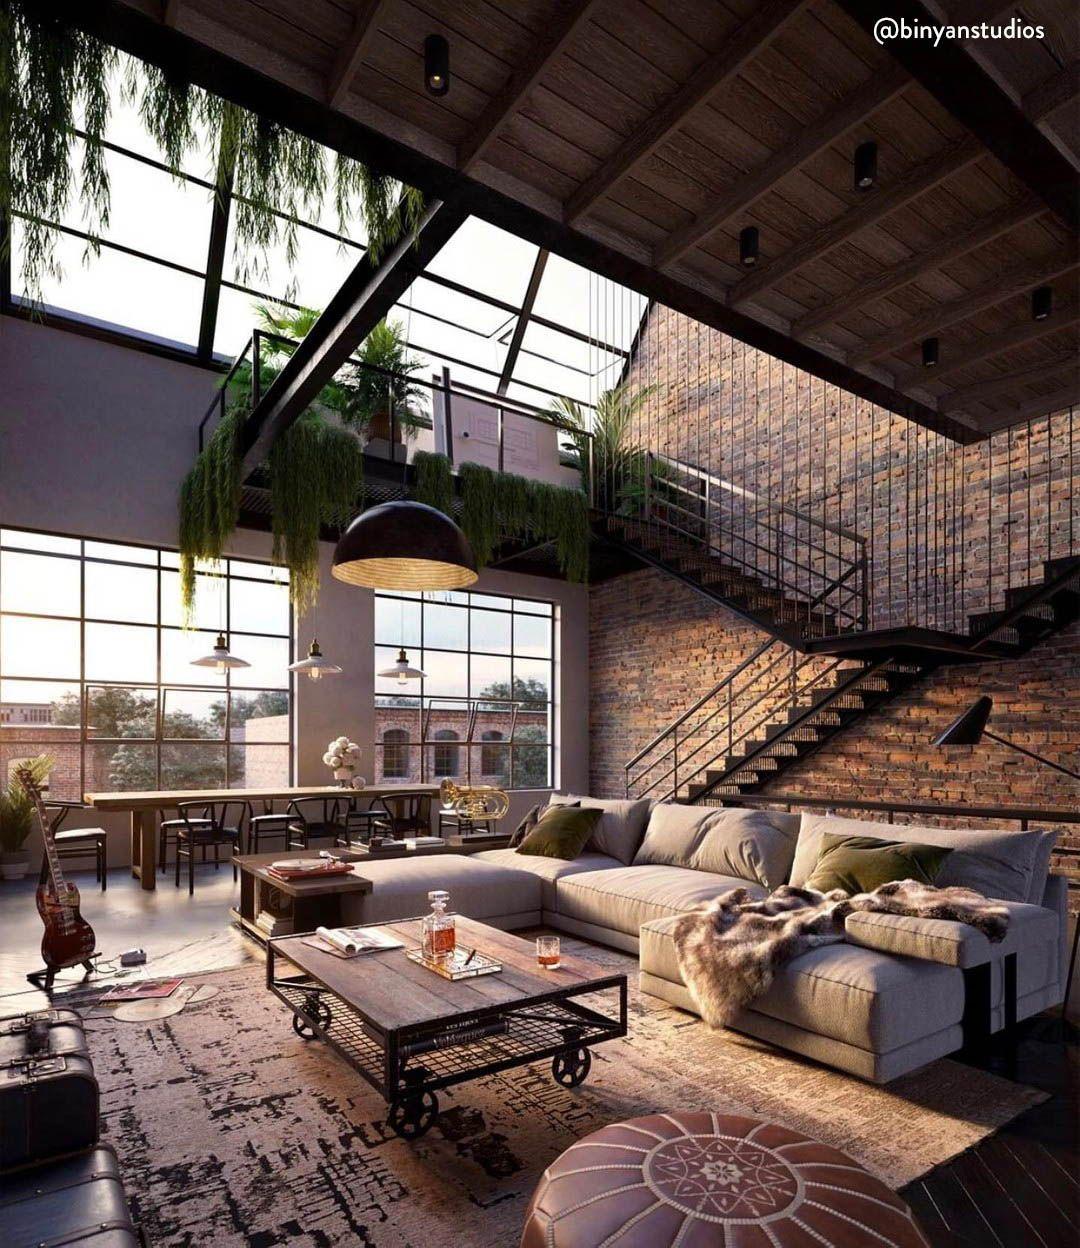 Faites de votre salon un lieu de vie agréable et très personnel. C